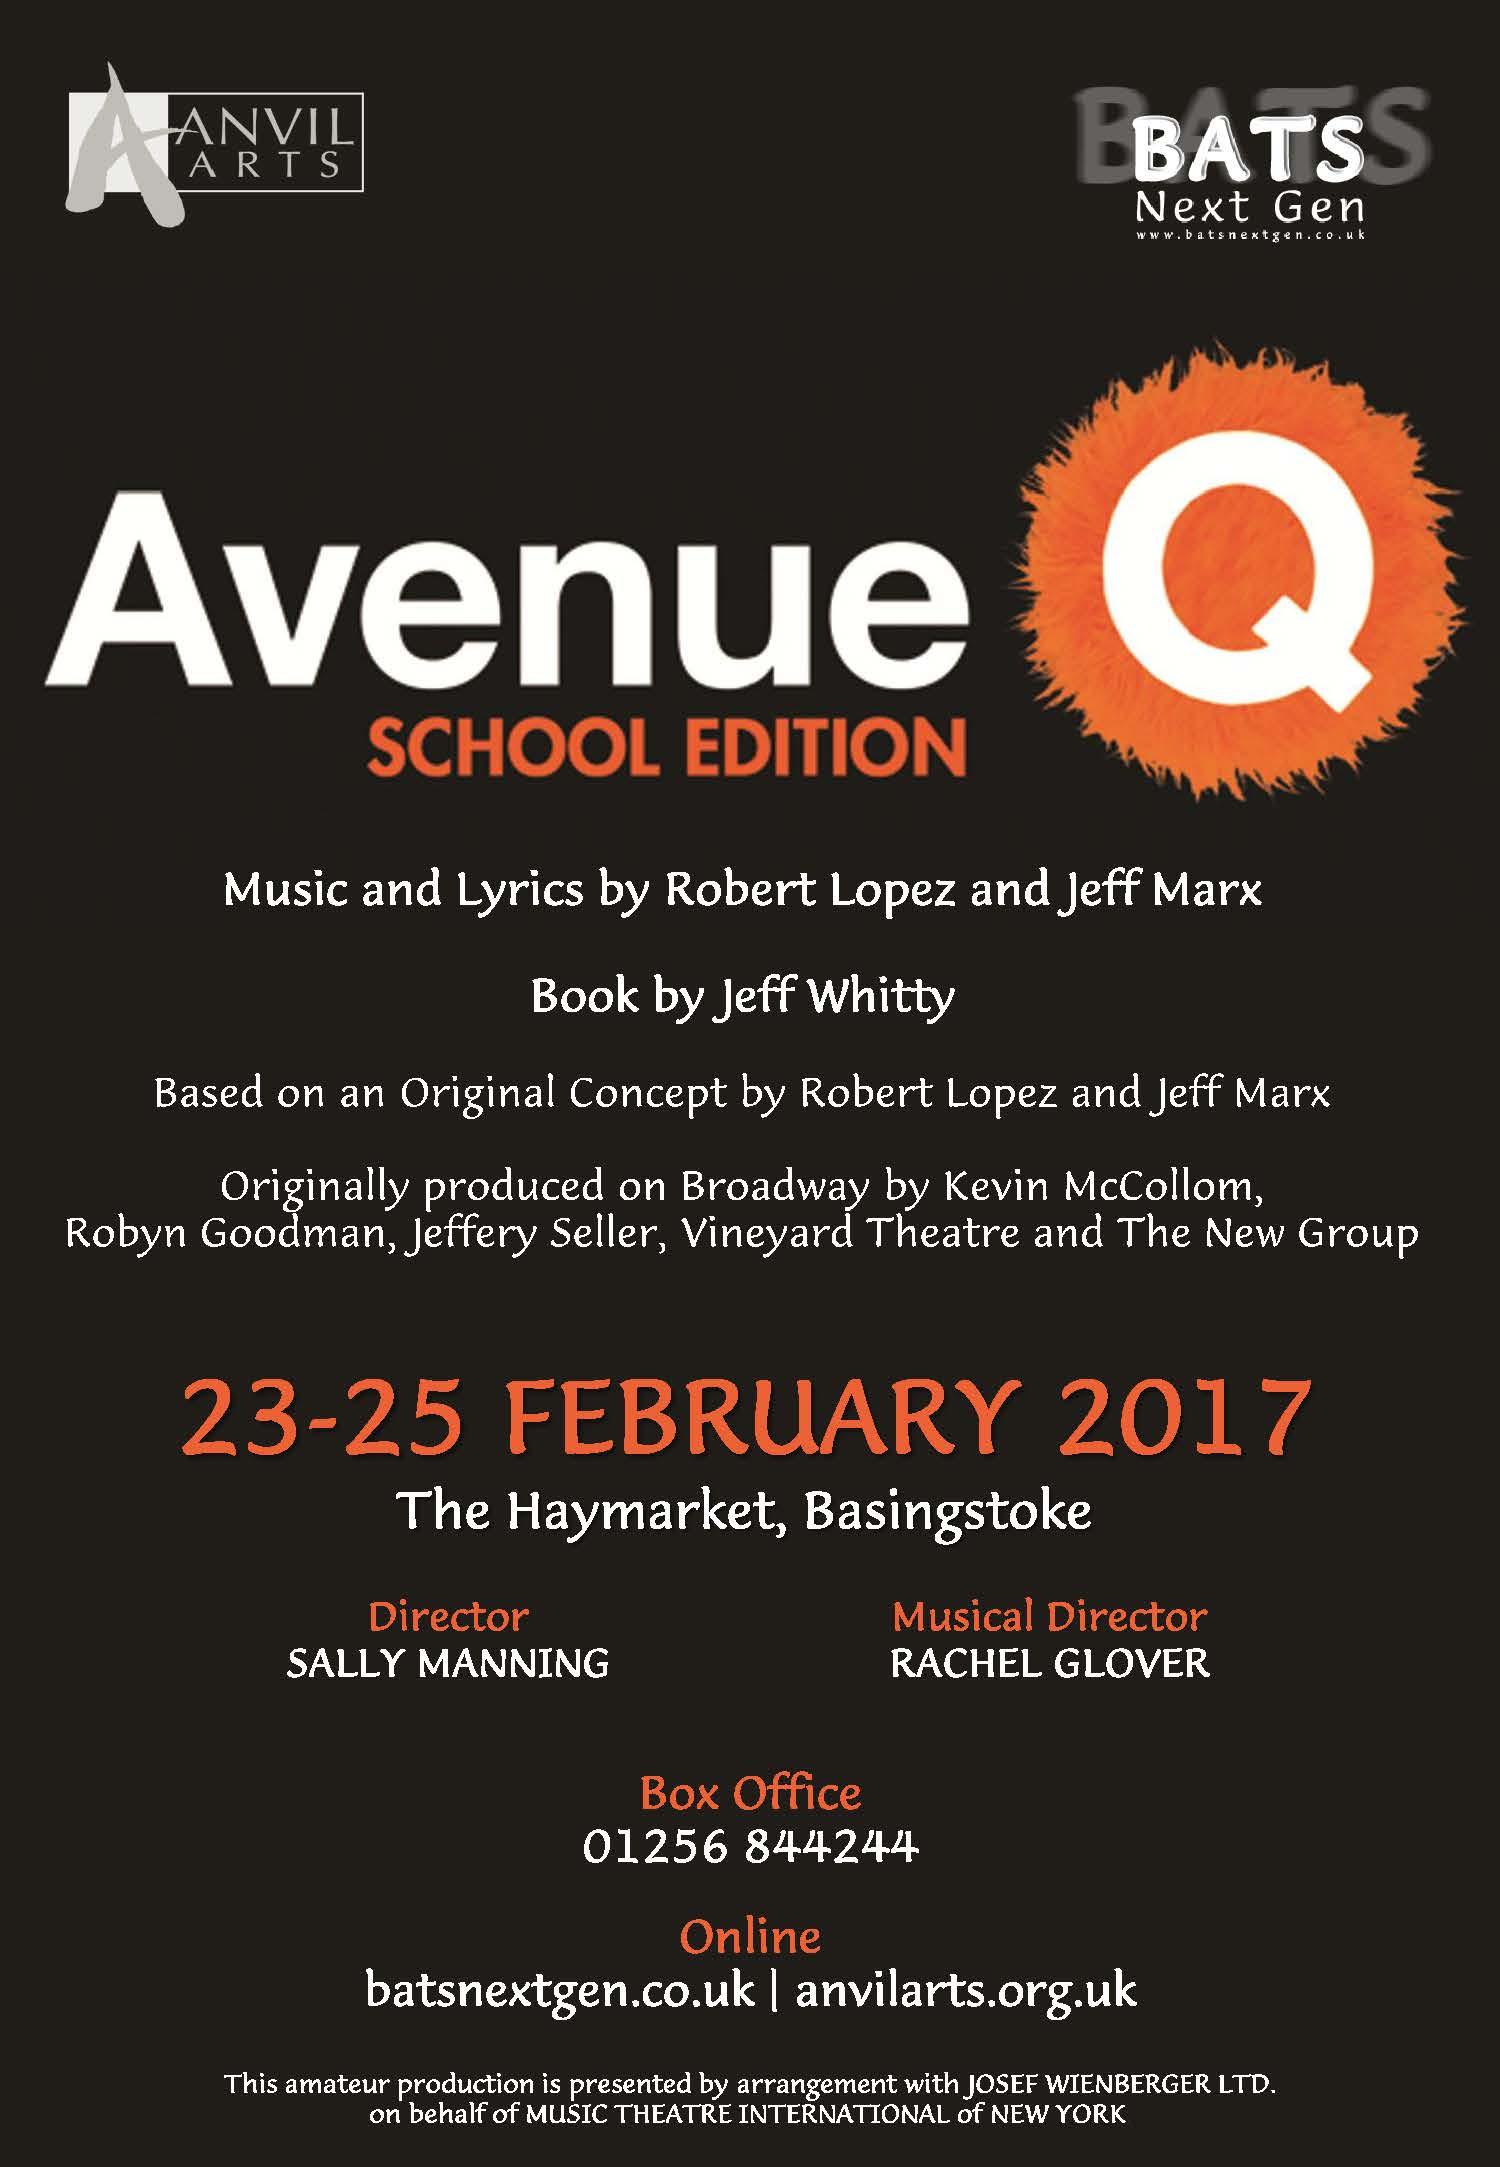 Avenue Q Poster BATS NG